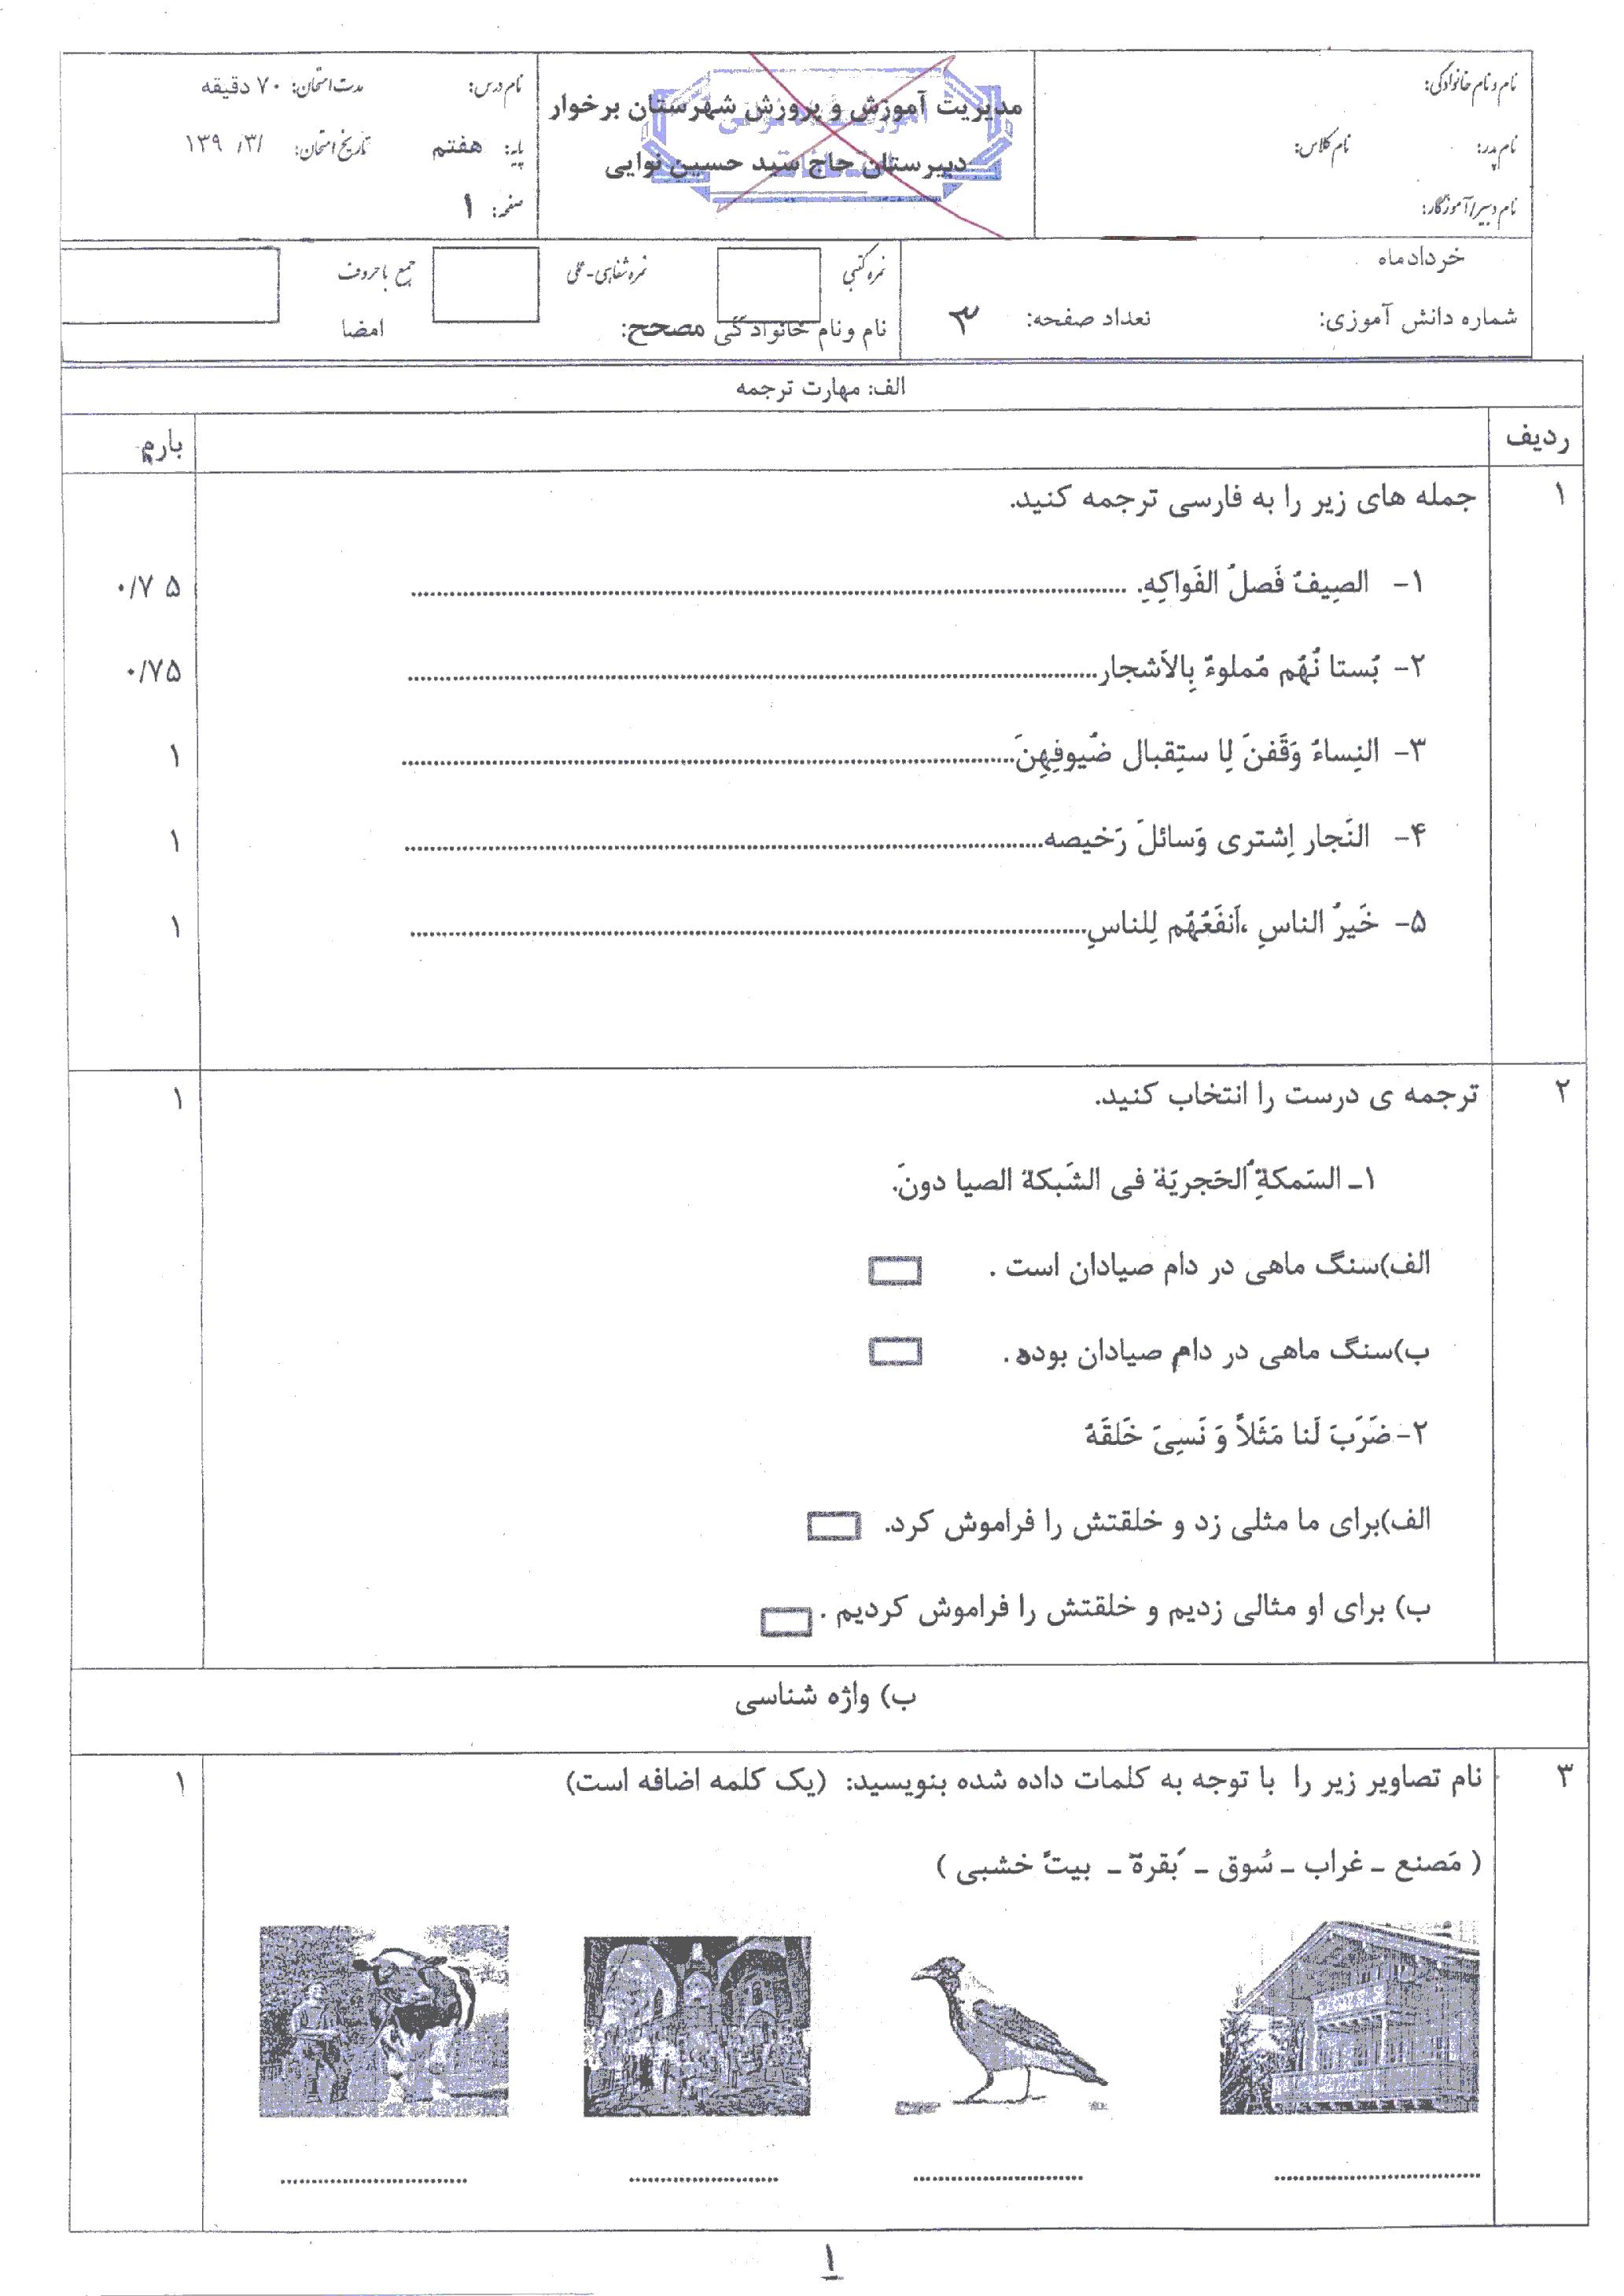 امتحان ترم دوم عربی هفتم   دبیرستان نوائی خرداد 96